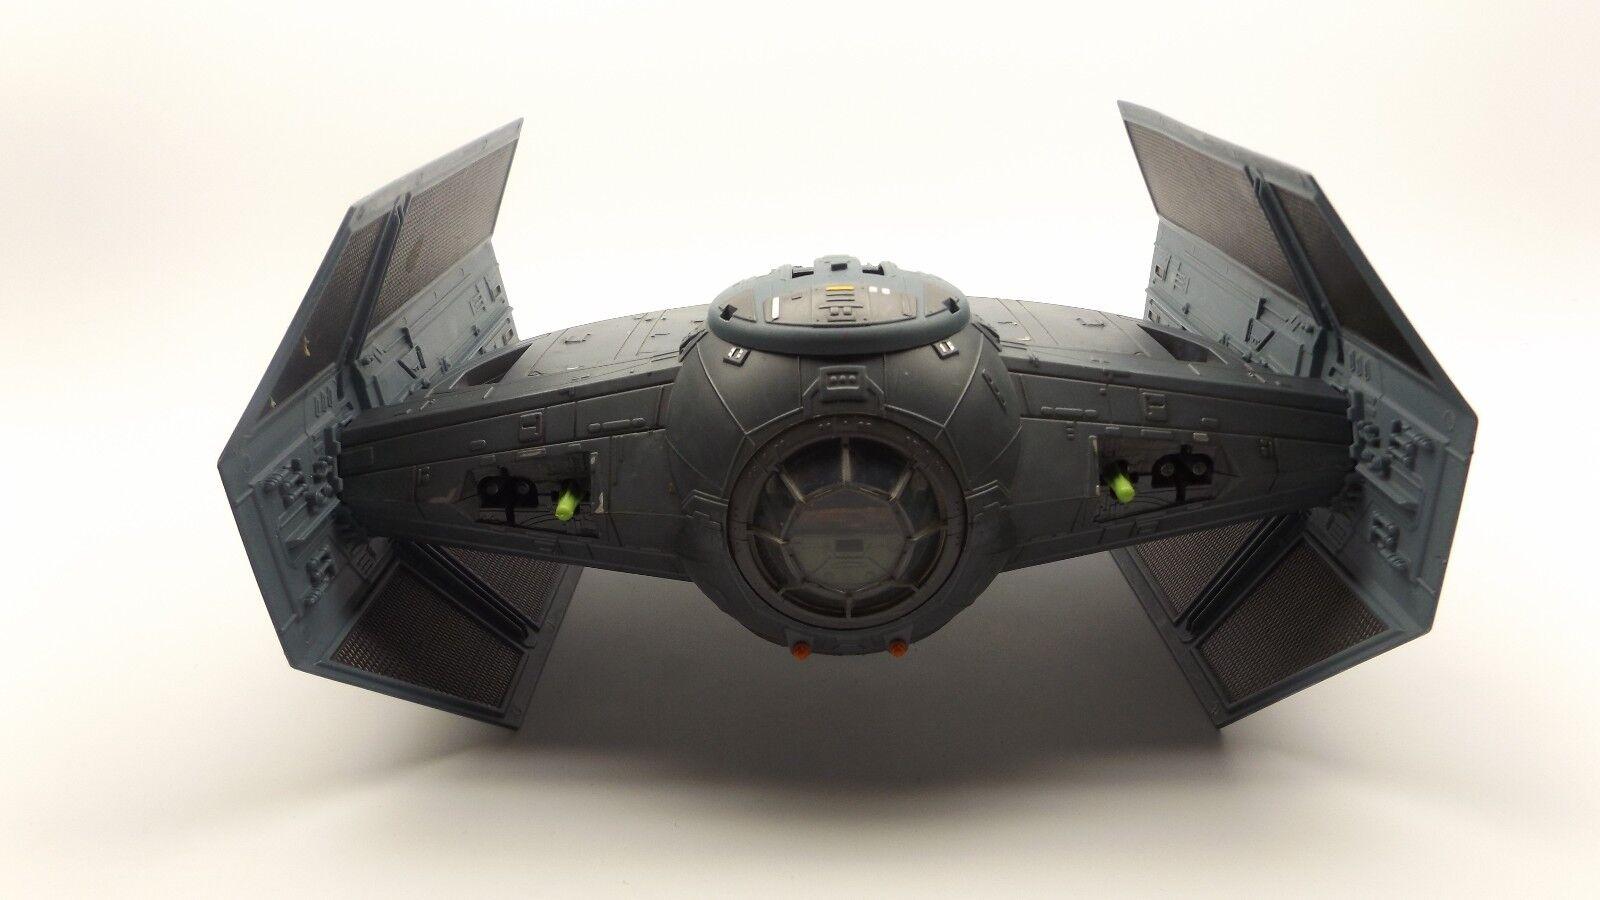 Star - wars - 30. jahrestag darth vader krawatte kämpfer entwickelten x1 locker abgeschlossen